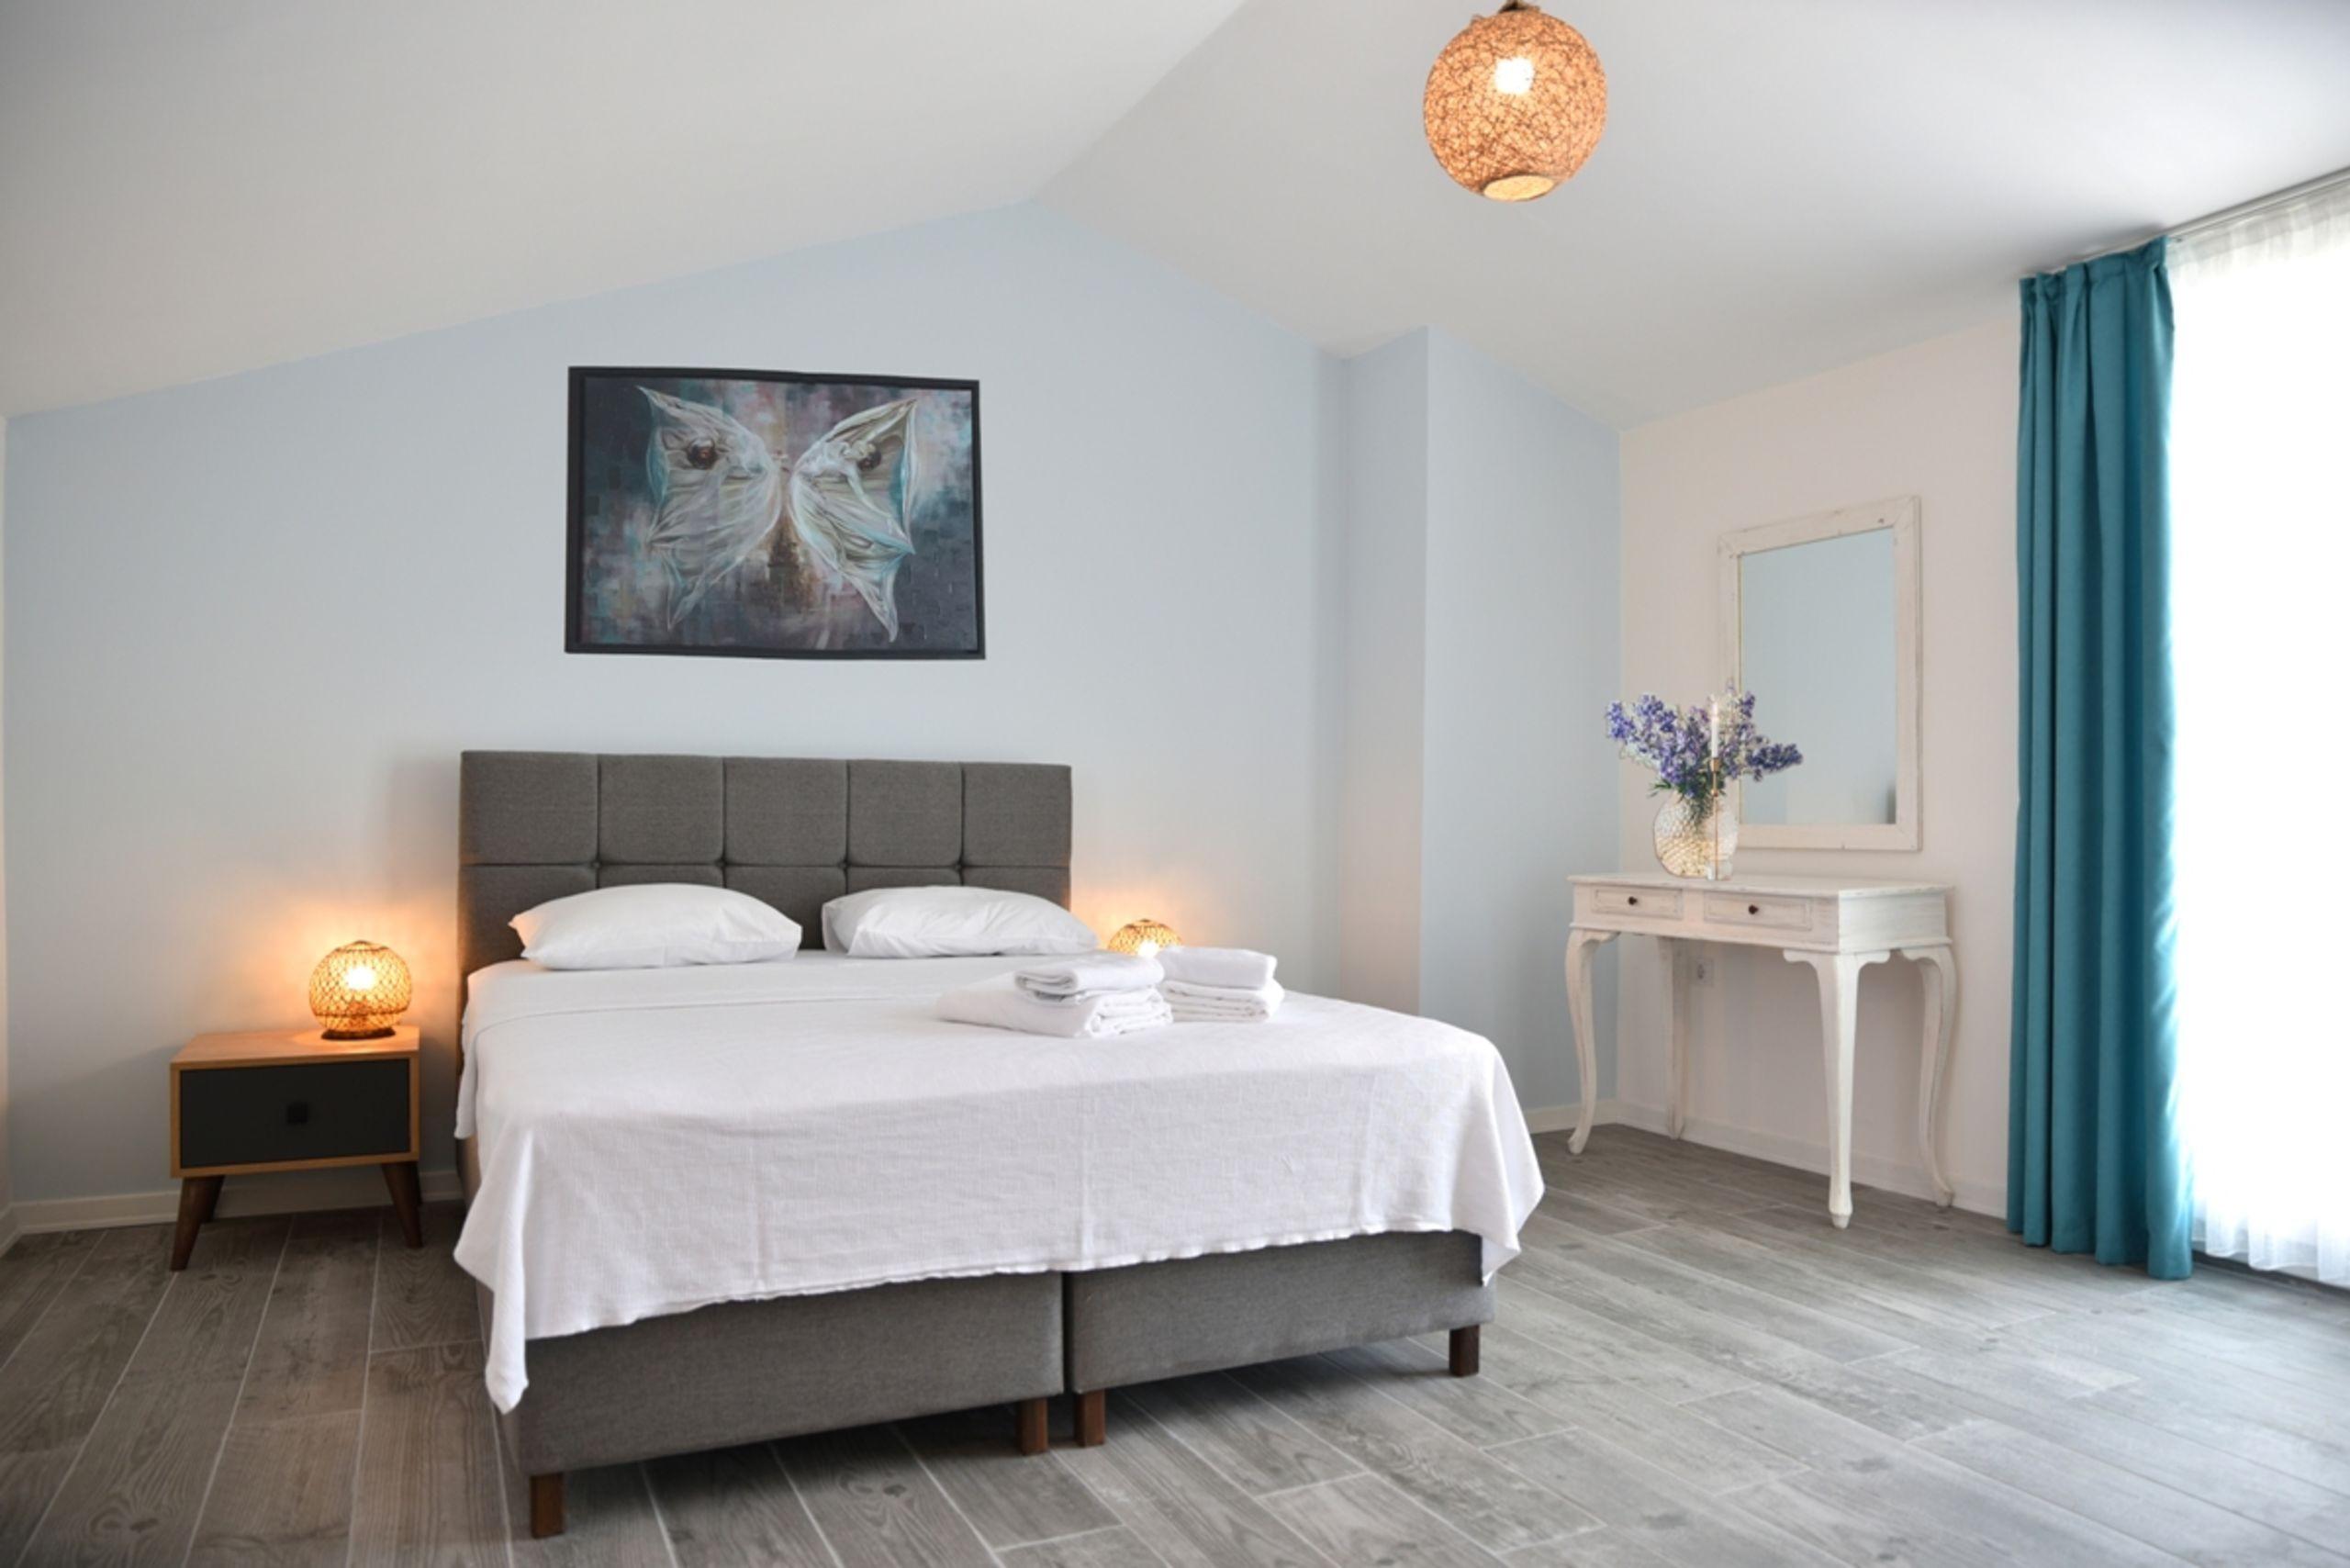 Tatilyum » Zeytin Arası Taş Evler Apart & Hotel